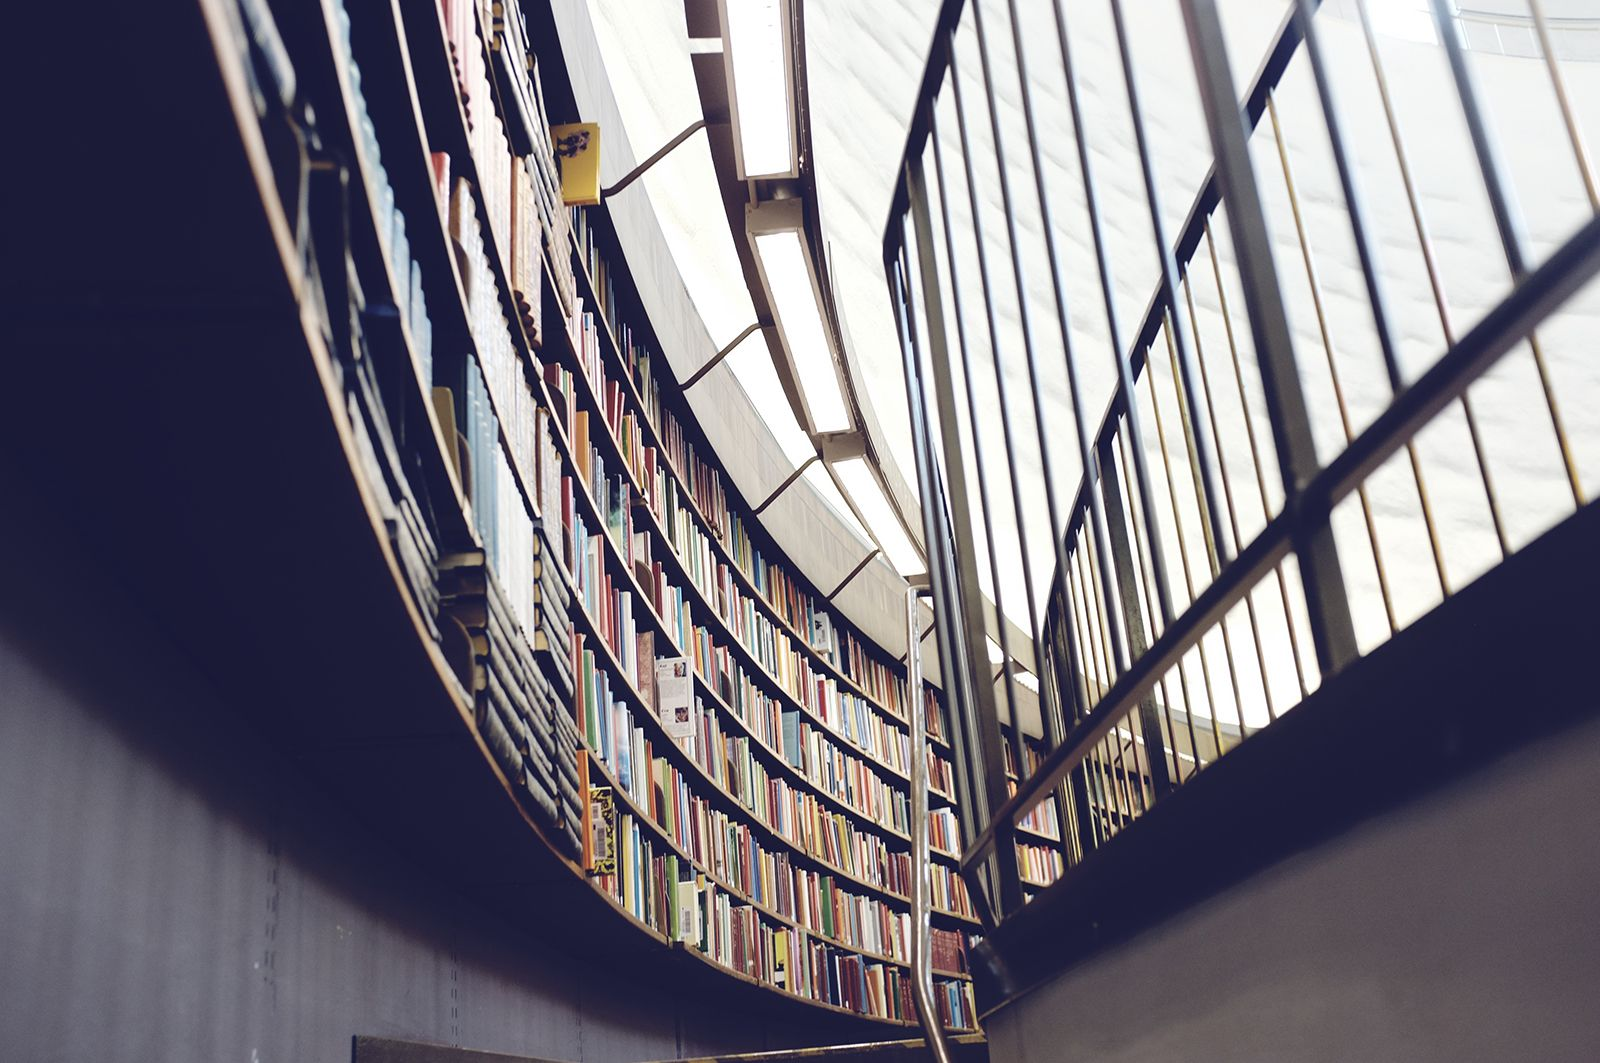 správa-a-dokumentácia-múzeí-a-knižníc-compressor